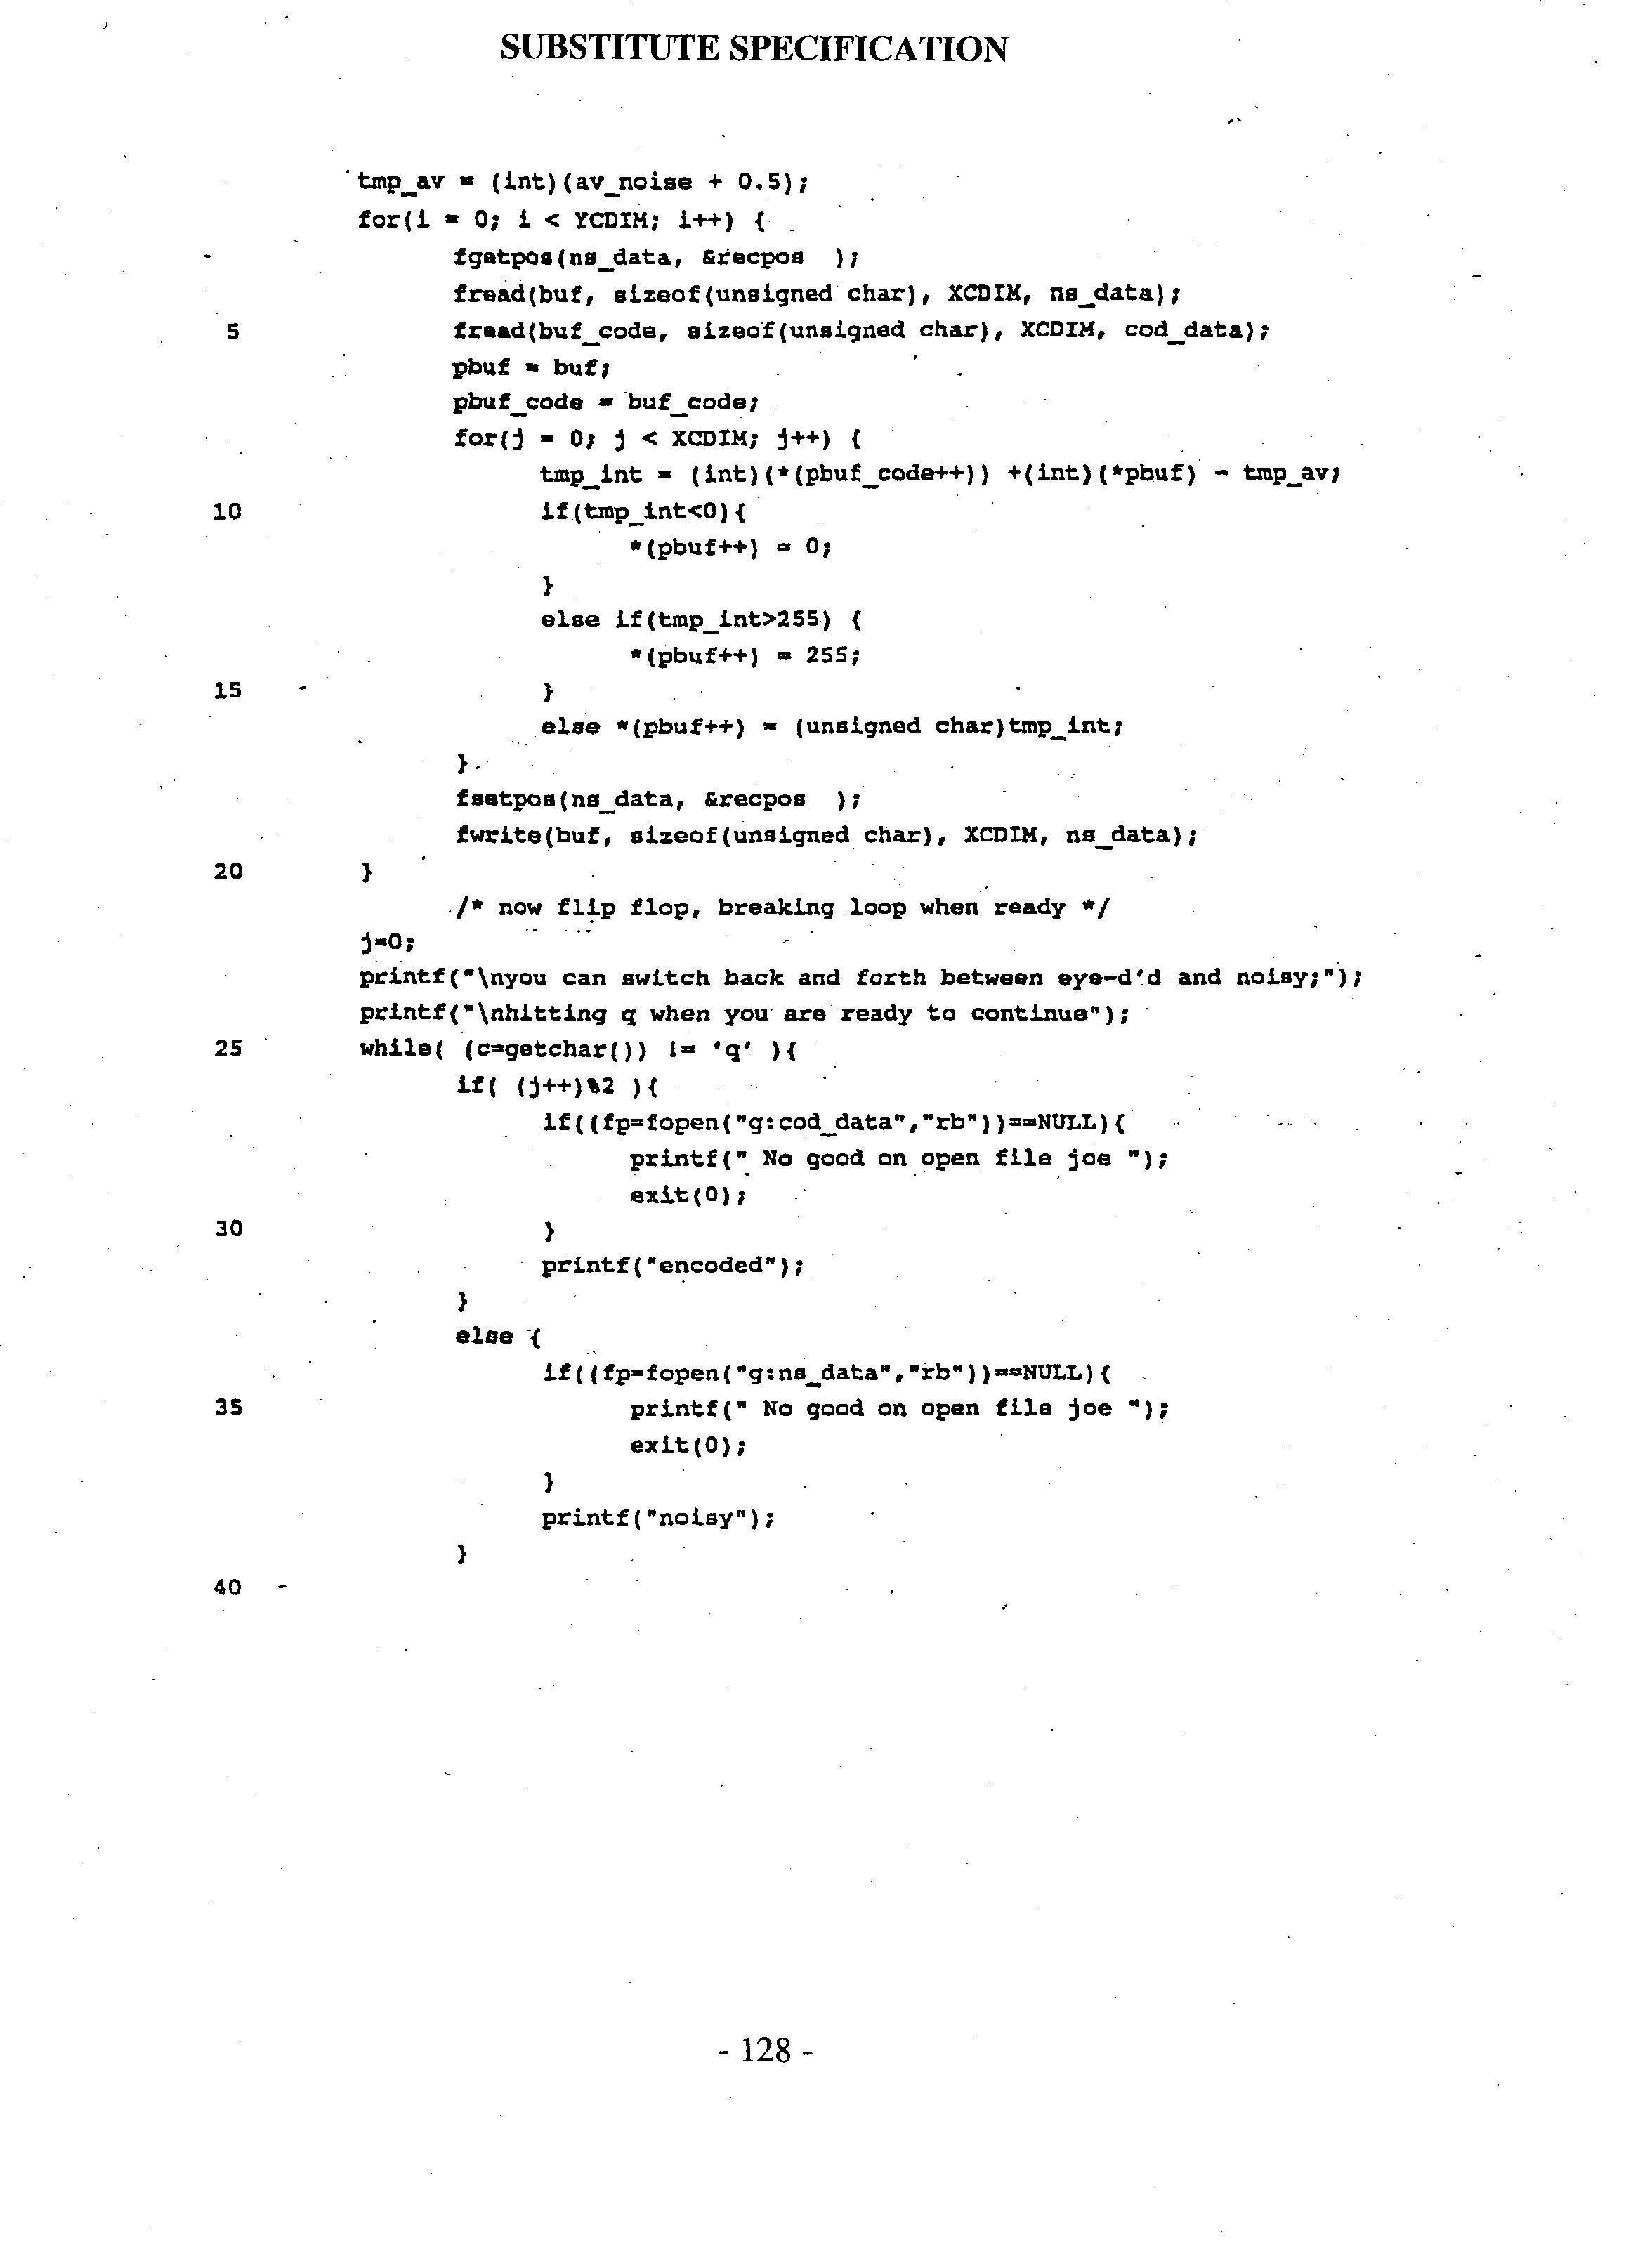 Arrangement For Embedding Subliminal